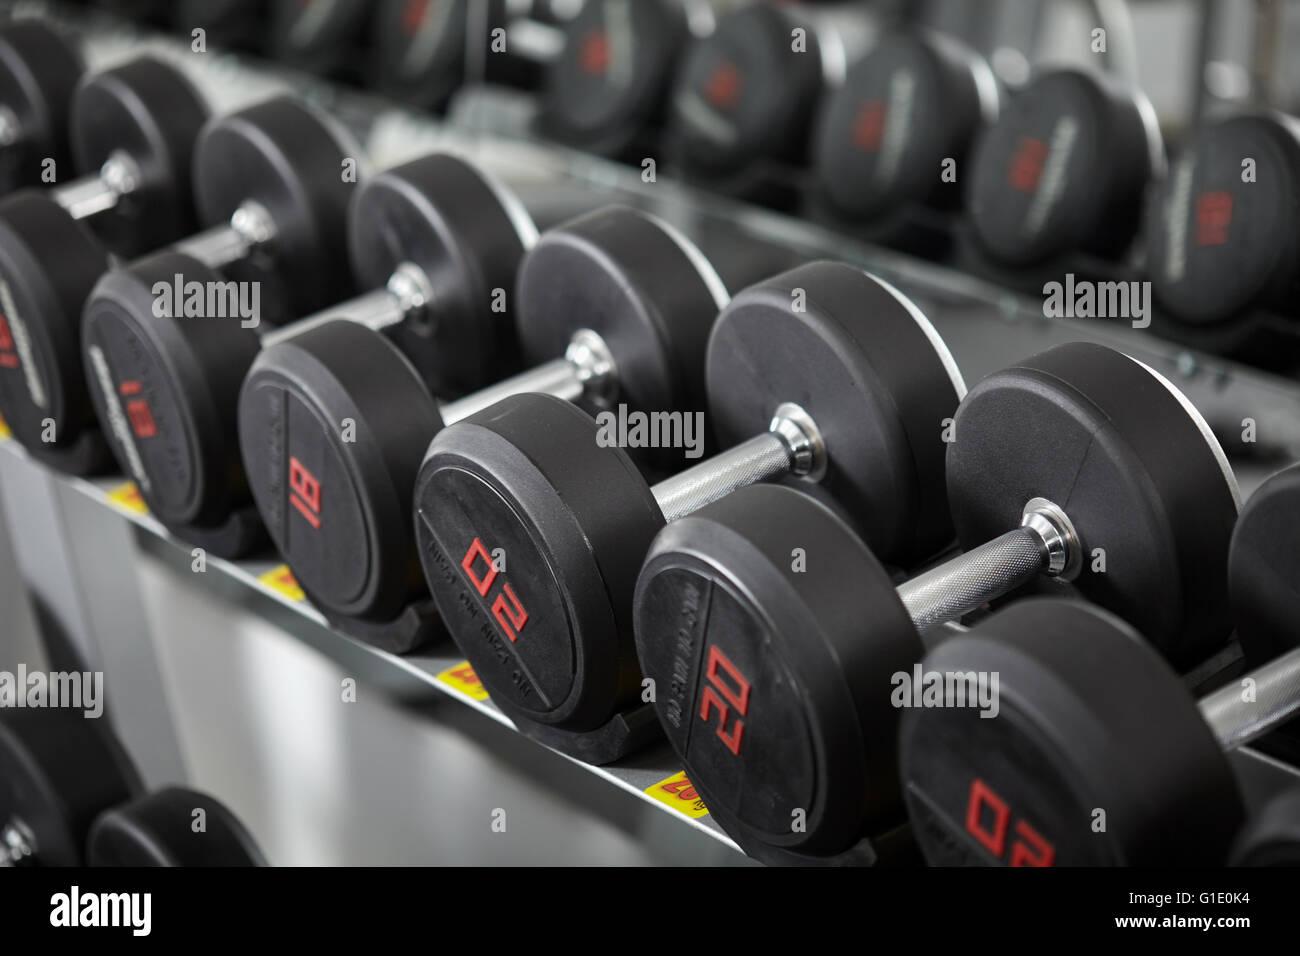 Reihen von neuen Hanteln im Fitnessstudio, auf dem Gestell Stockbild